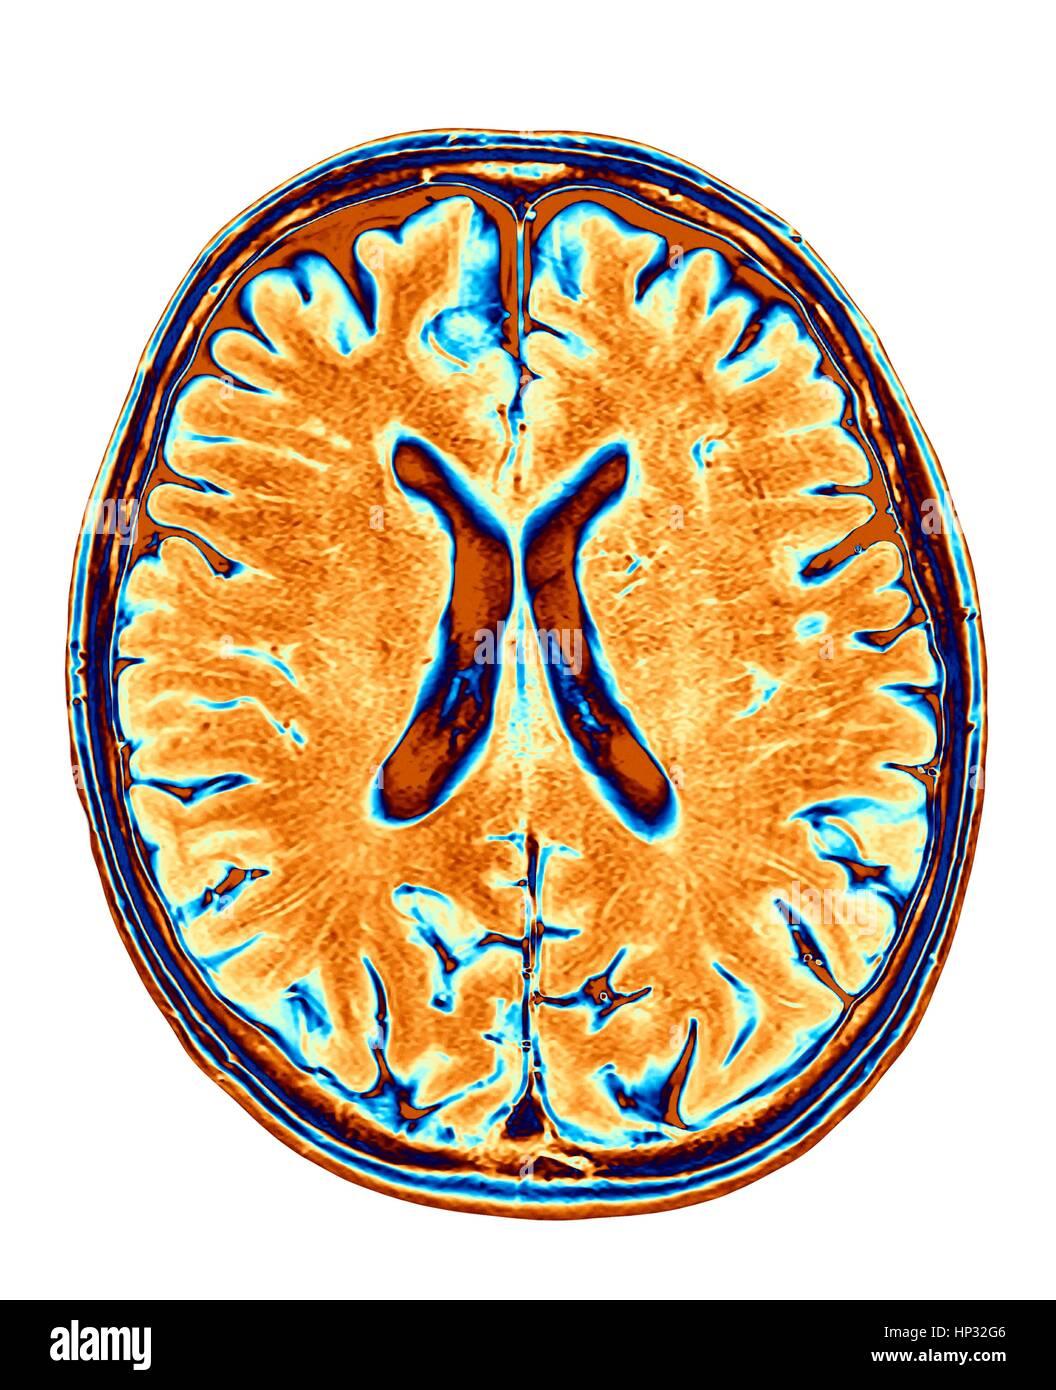 Normale Gehirn. Farbige Magnetresonanz-Bildgebung (MRI) Scan von ...